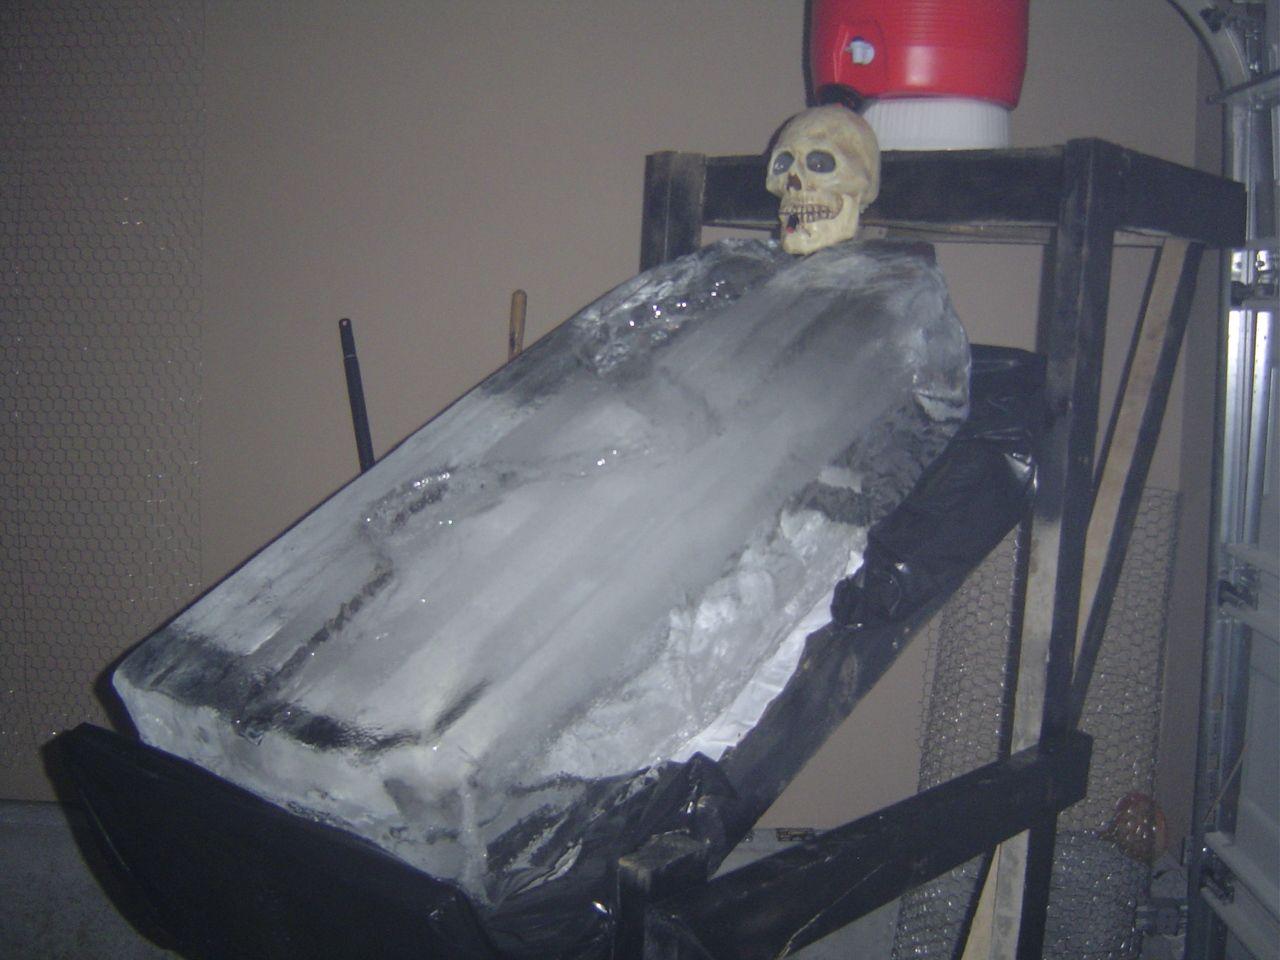 Skull Ice Luge 2x4 Frame Constructed W 3 Deck Screws Platform